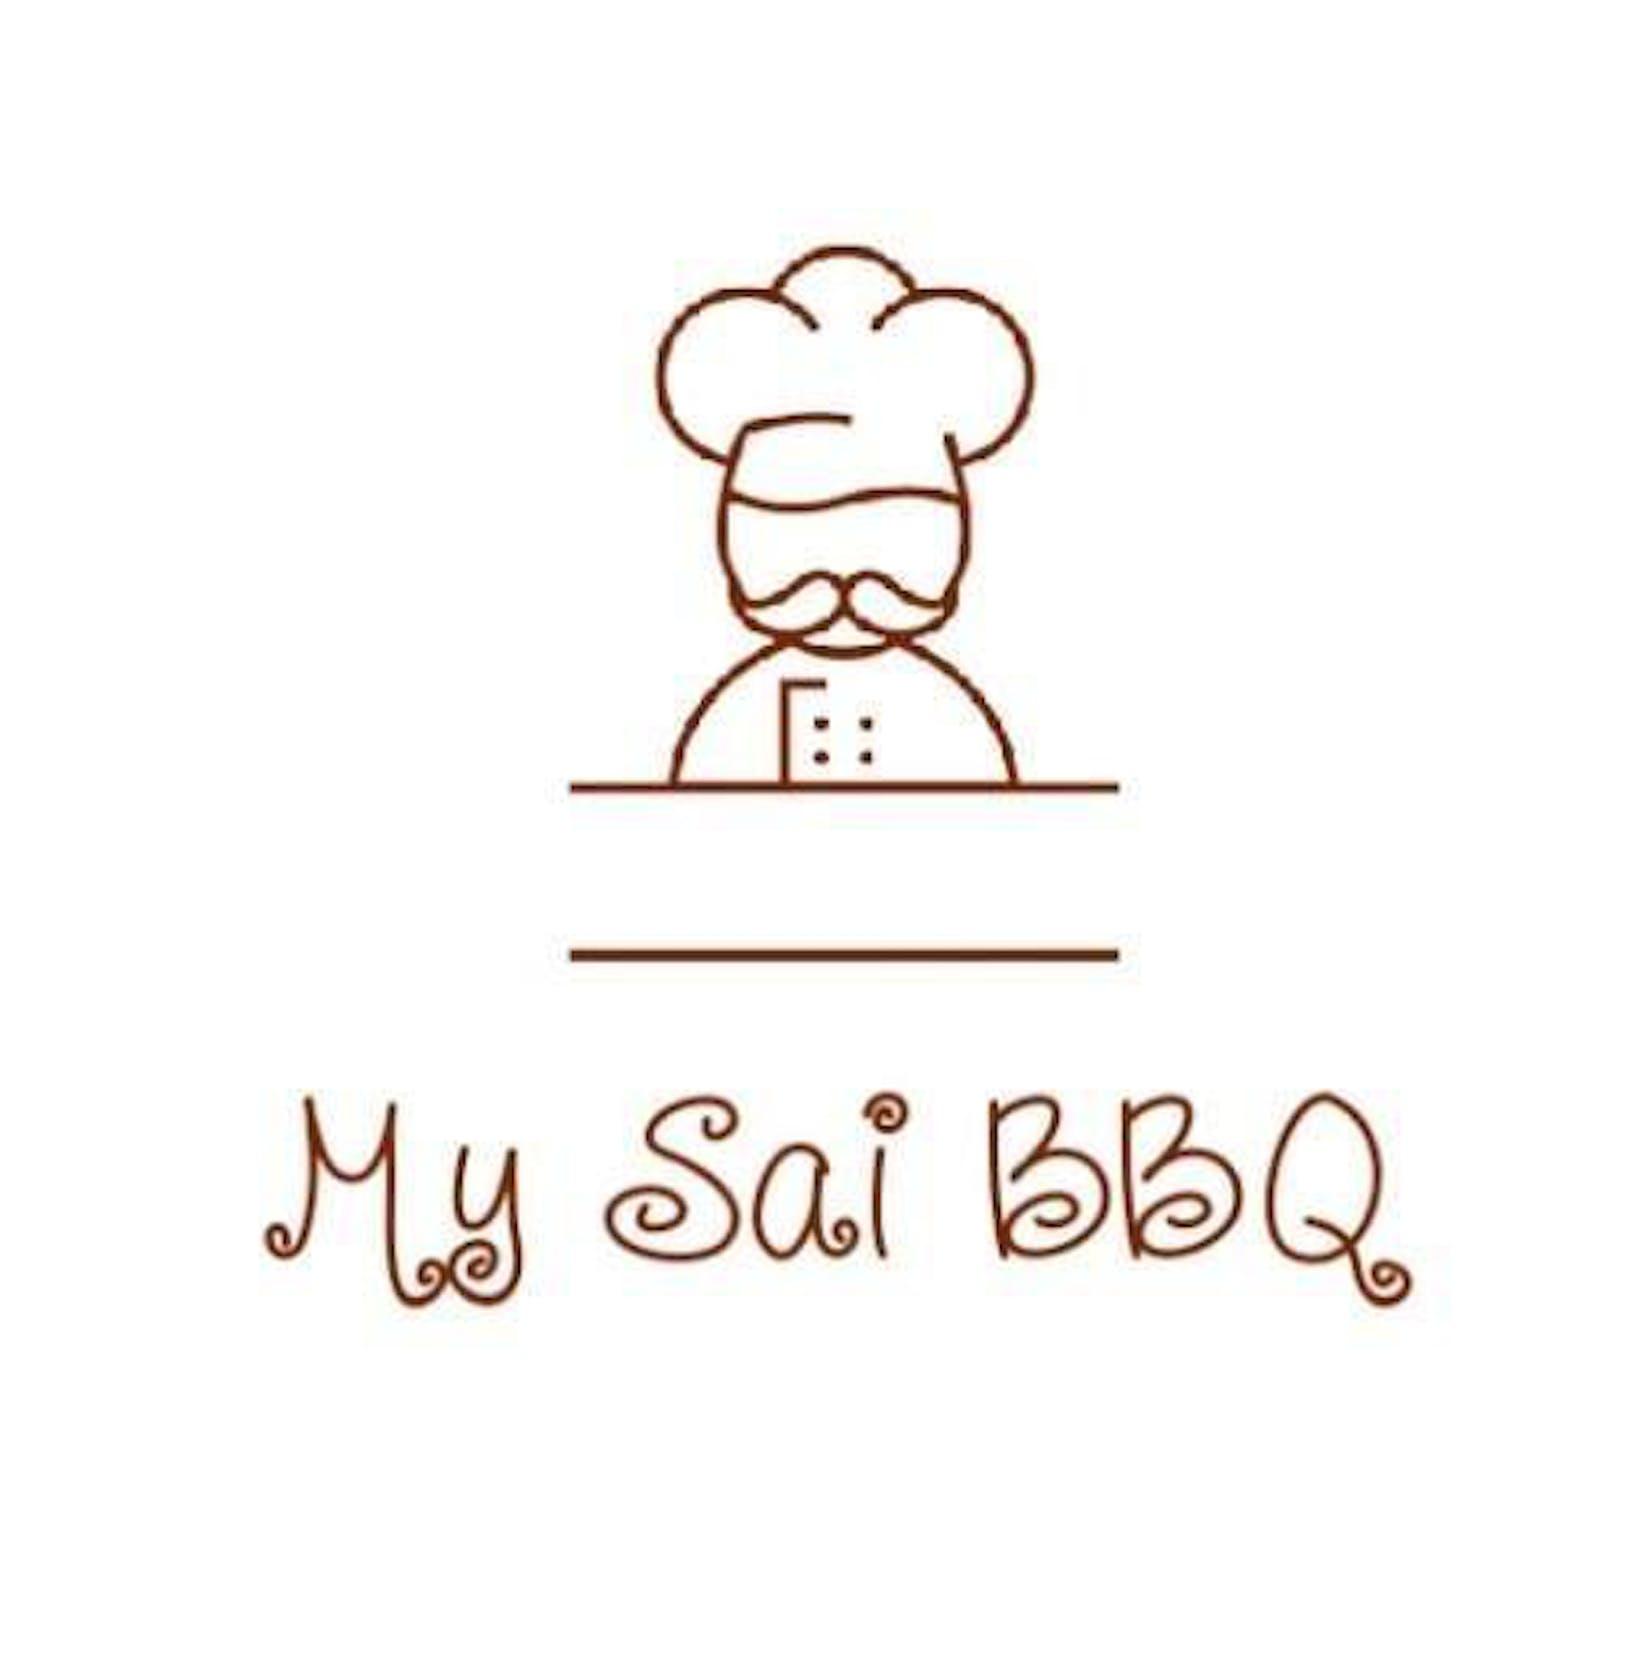 My Sai Bbq & Restaurant | yathar